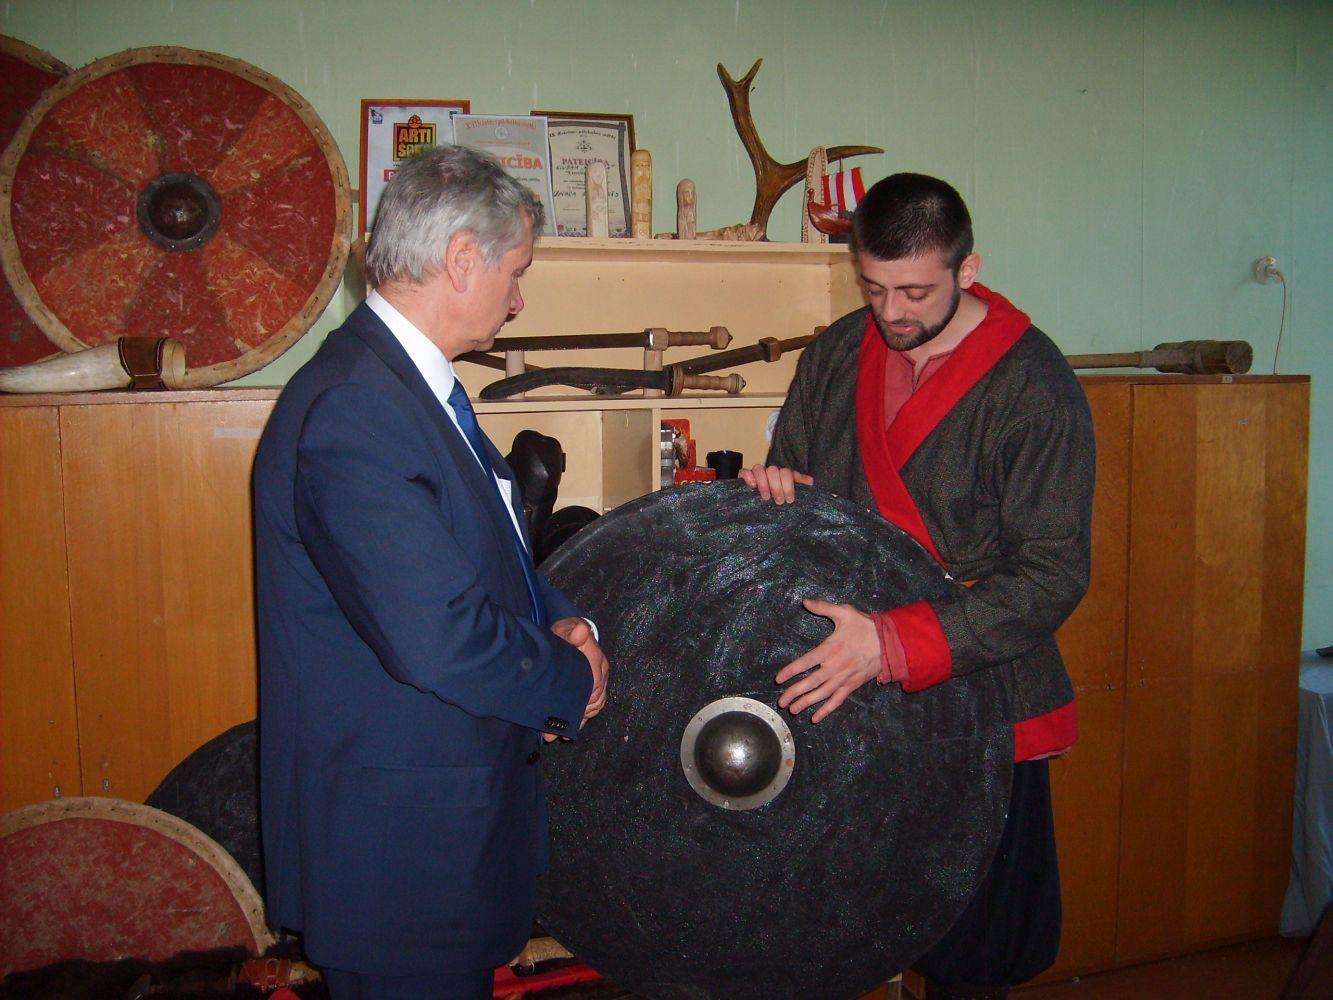 Министр Шадурскис оставил свой след в Даугавпилсе